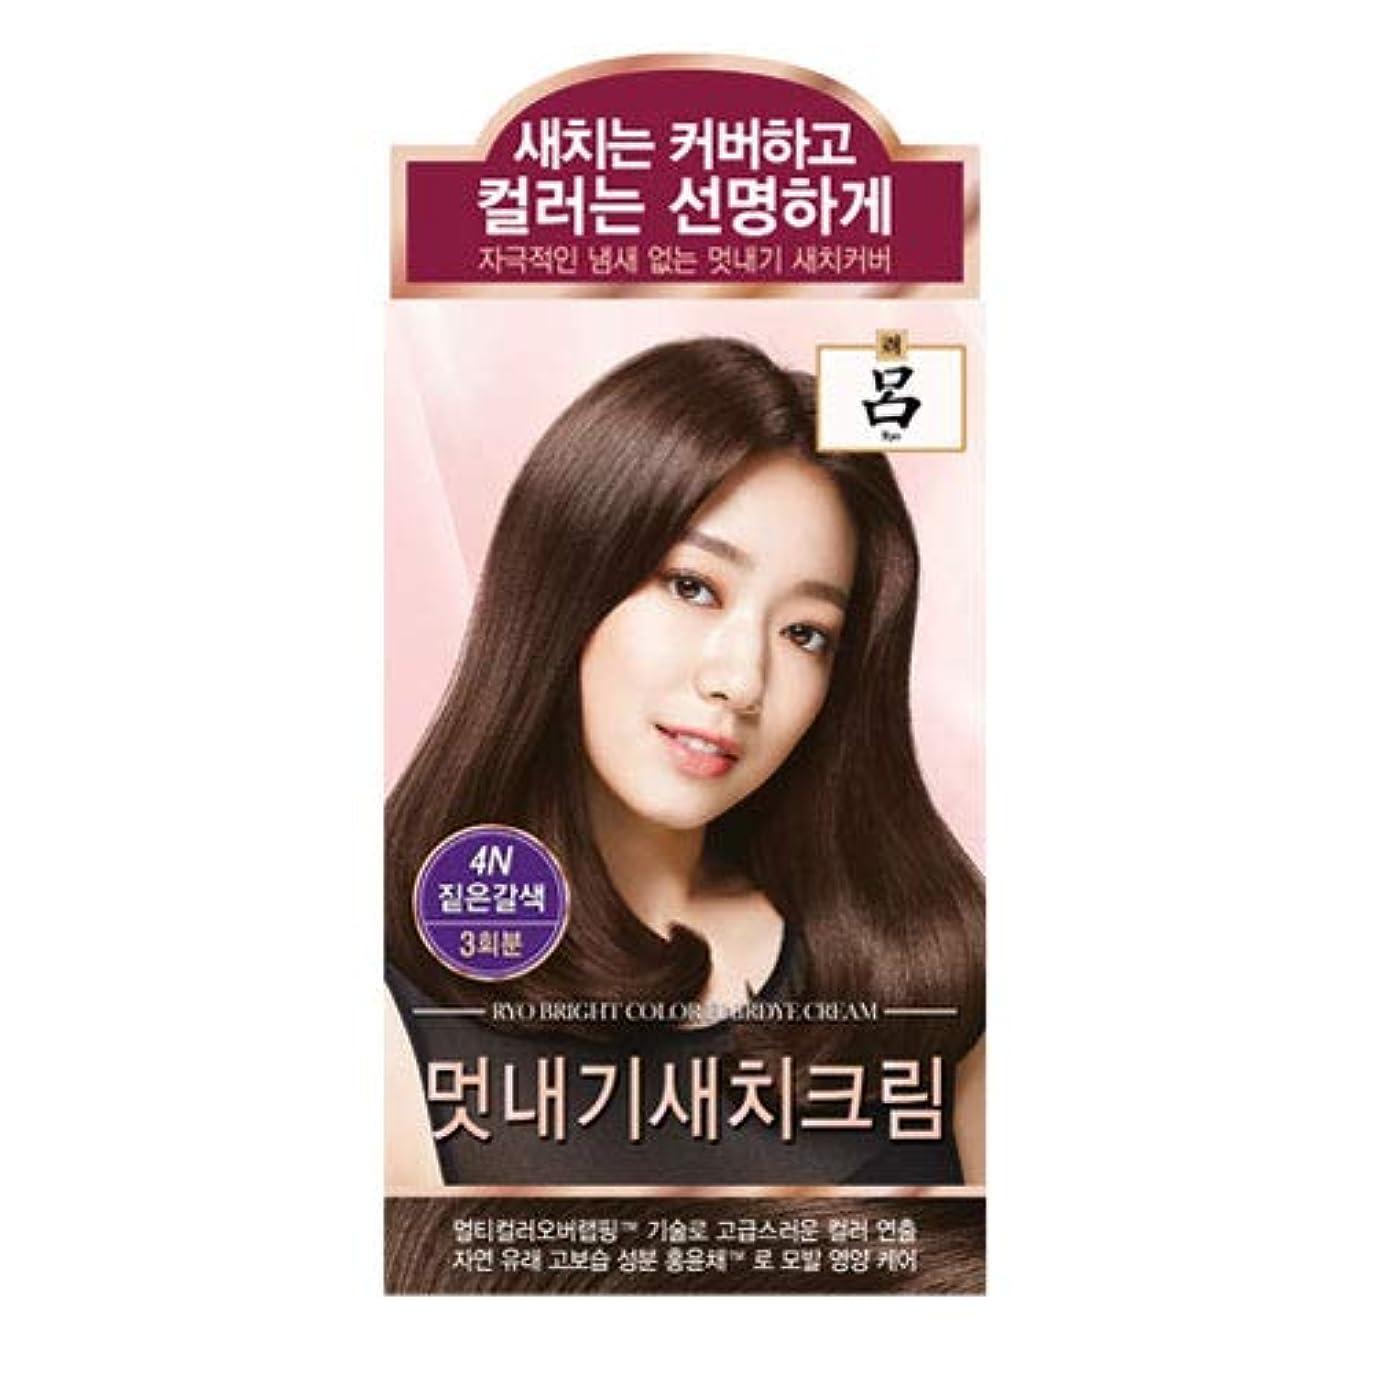 致死テンポしかしながらアモーレパシフィック呂[AMOREPACIFIC/Ryo] ブライトカラーヘアアイクリーム 4N ディープブラウン/Bright Color Hairdye Cream 4N Deep Brown